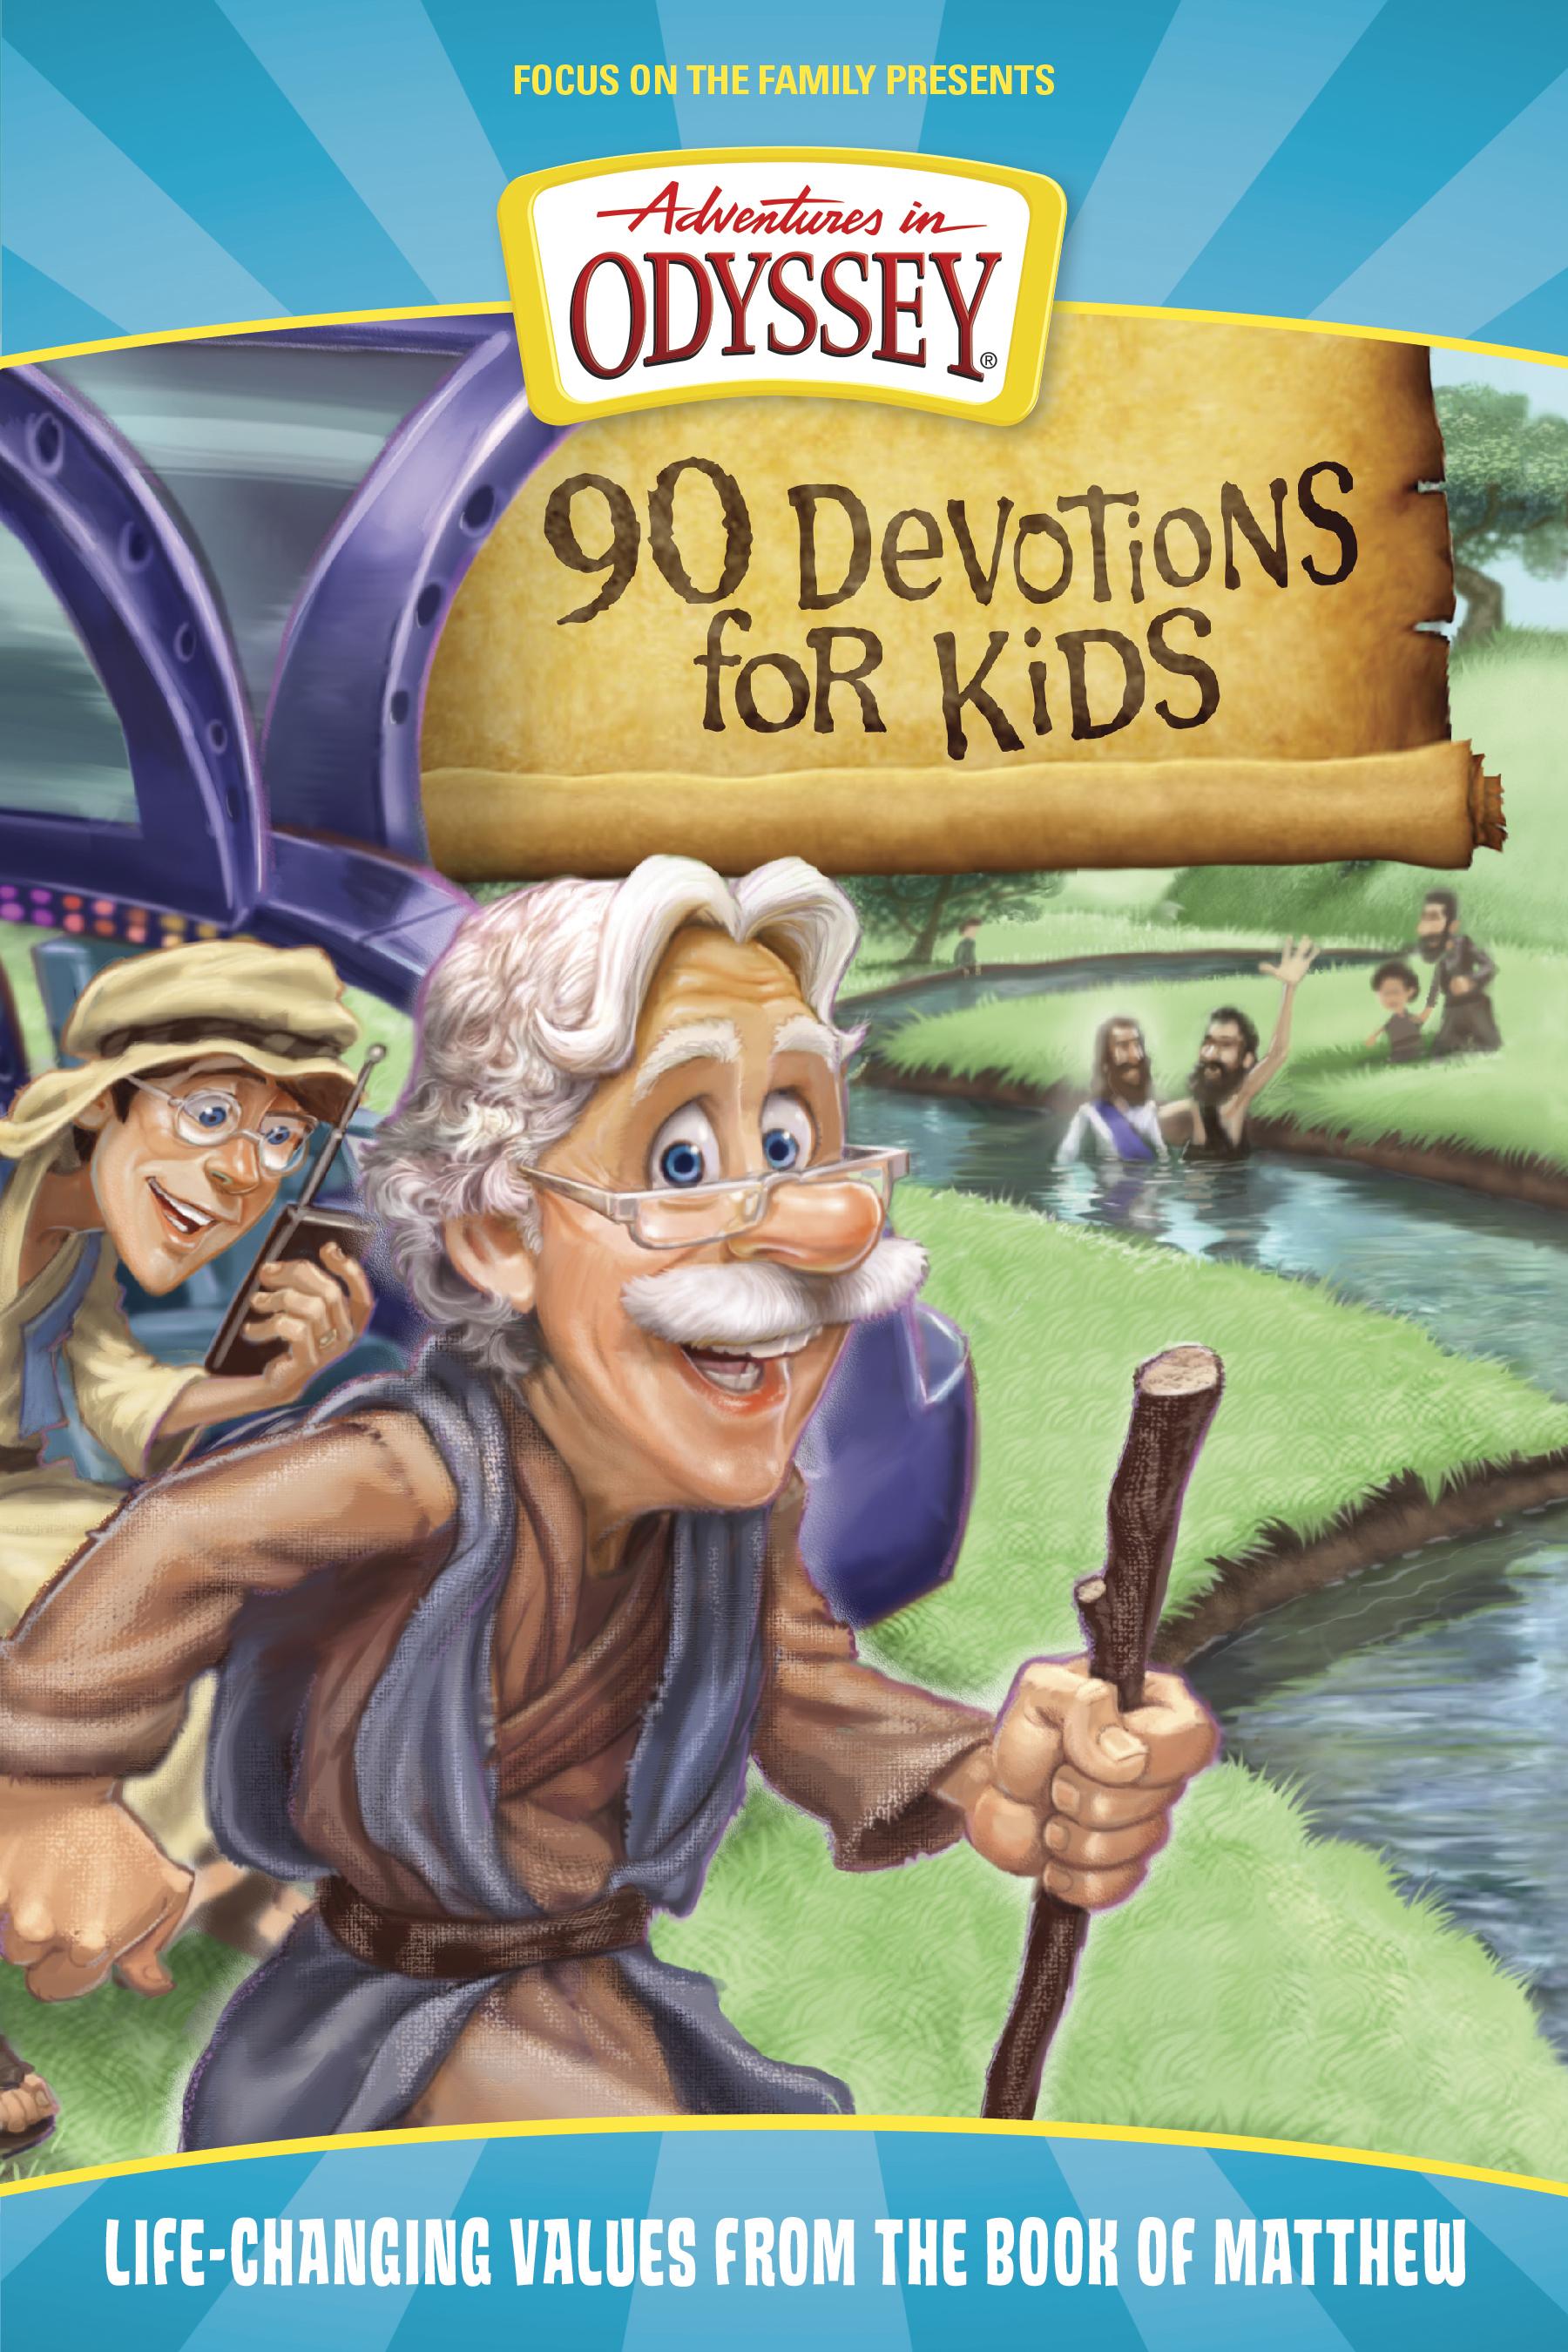 Adventures in Odyssey Books: 90 Devotions for Kids in Matthew - Tyndale V2,  tu tienda de ebooks